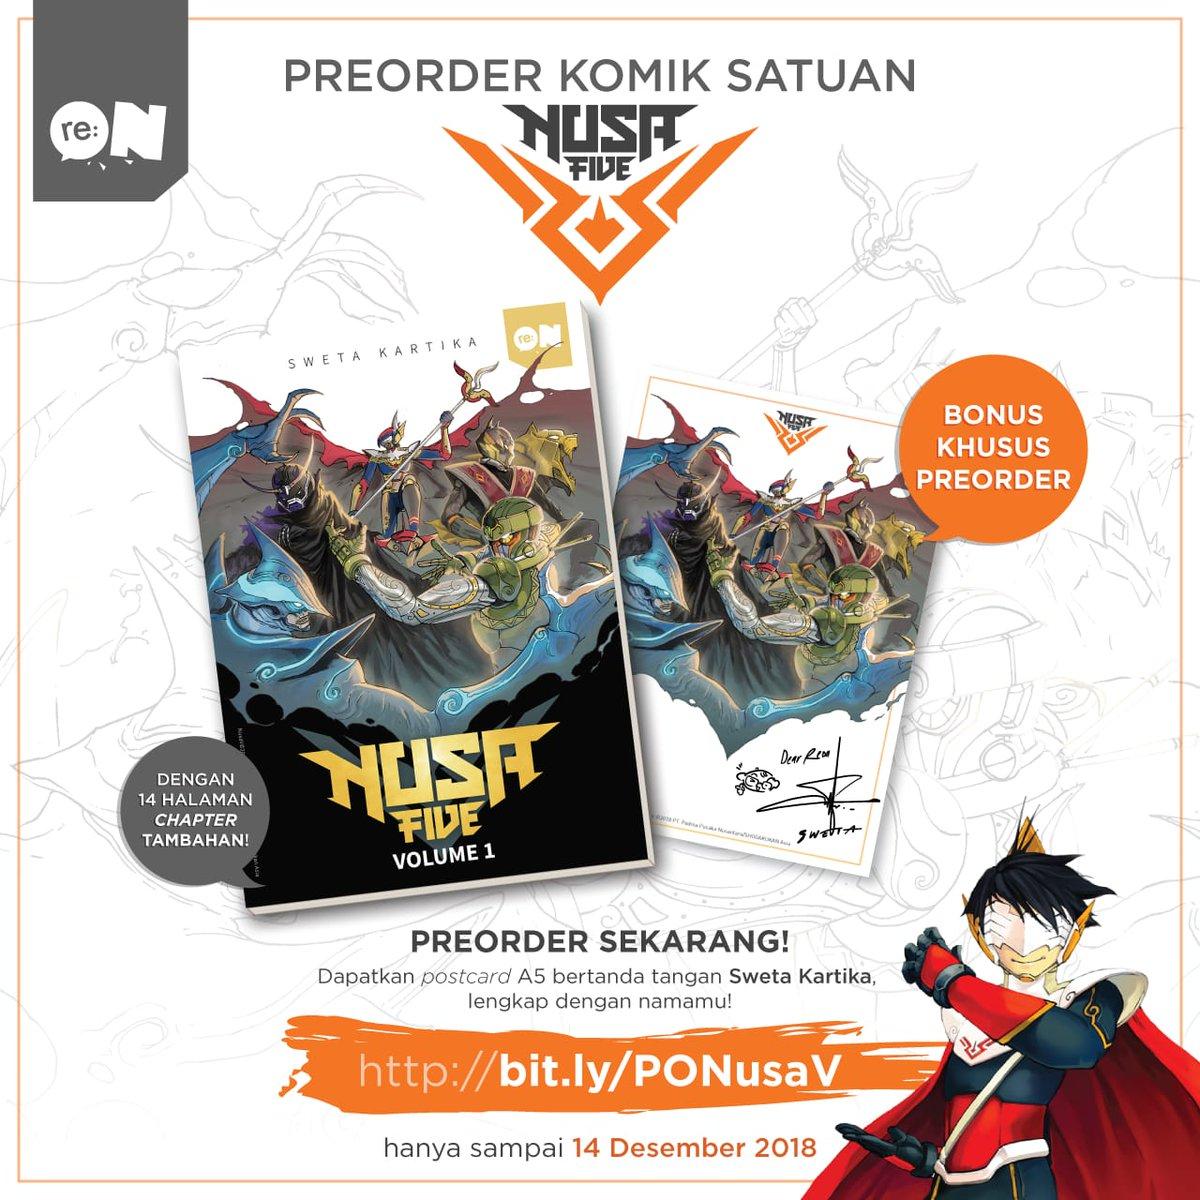 Buat yang berminat PO buku satuan komik #NusaFive masih ditunggu sampai tanggal 14 Desember 2018 ya.